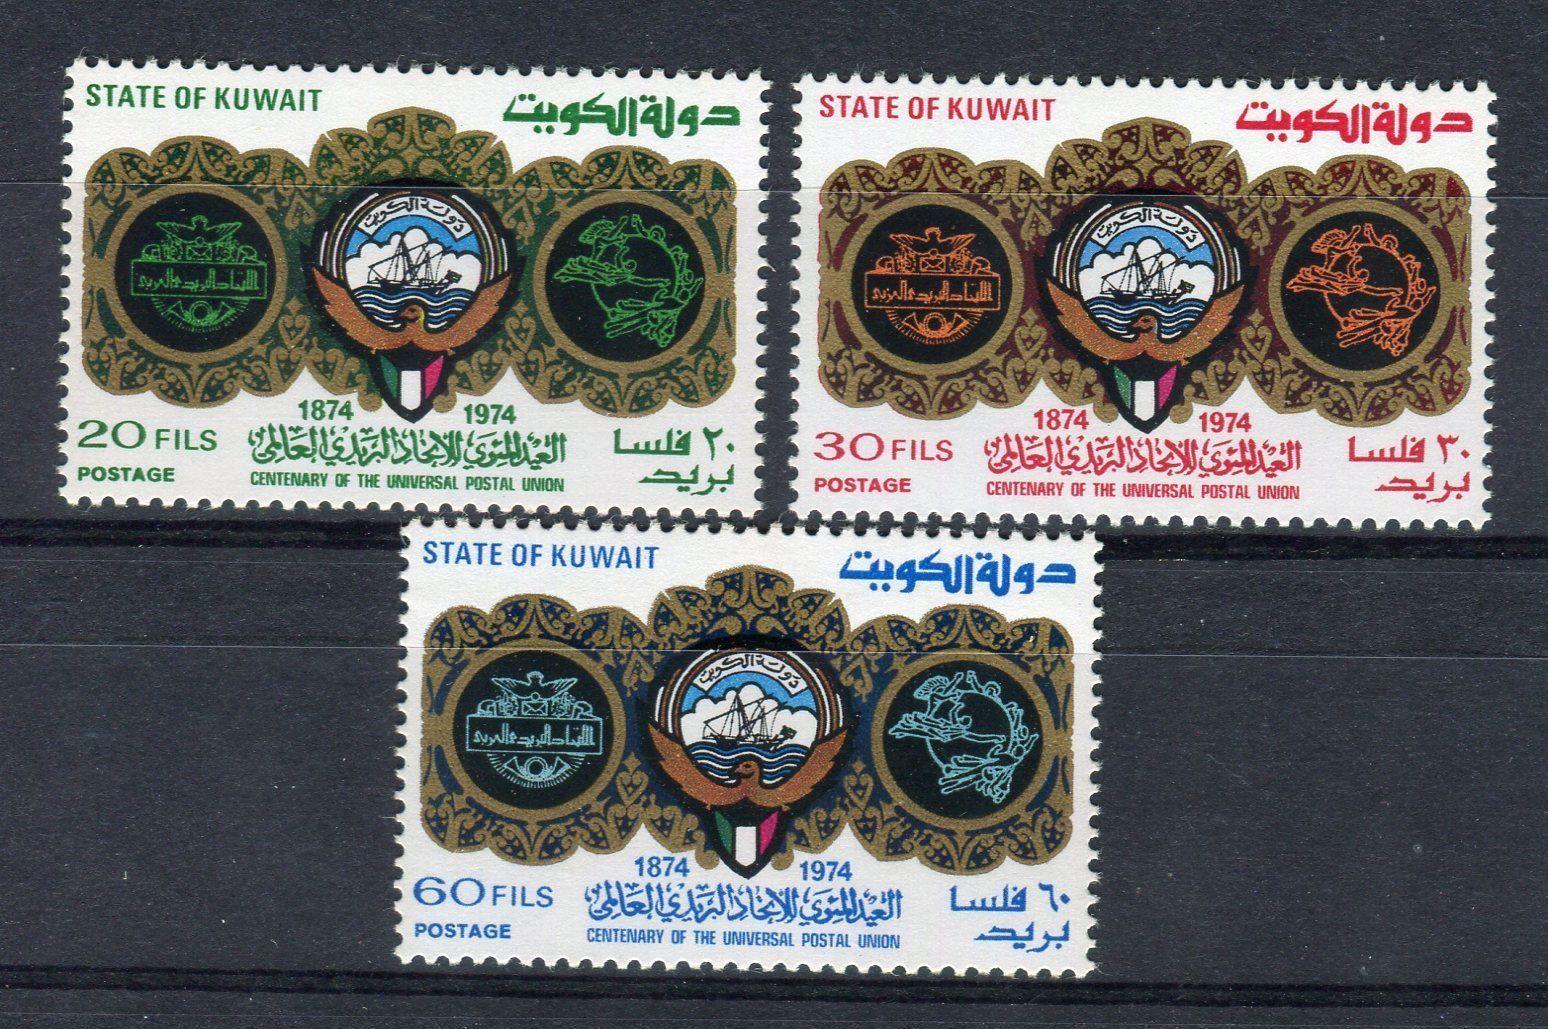 1974 KUWAIT UPU CENTENARY-ARAB POSTAL UNION 161374065136